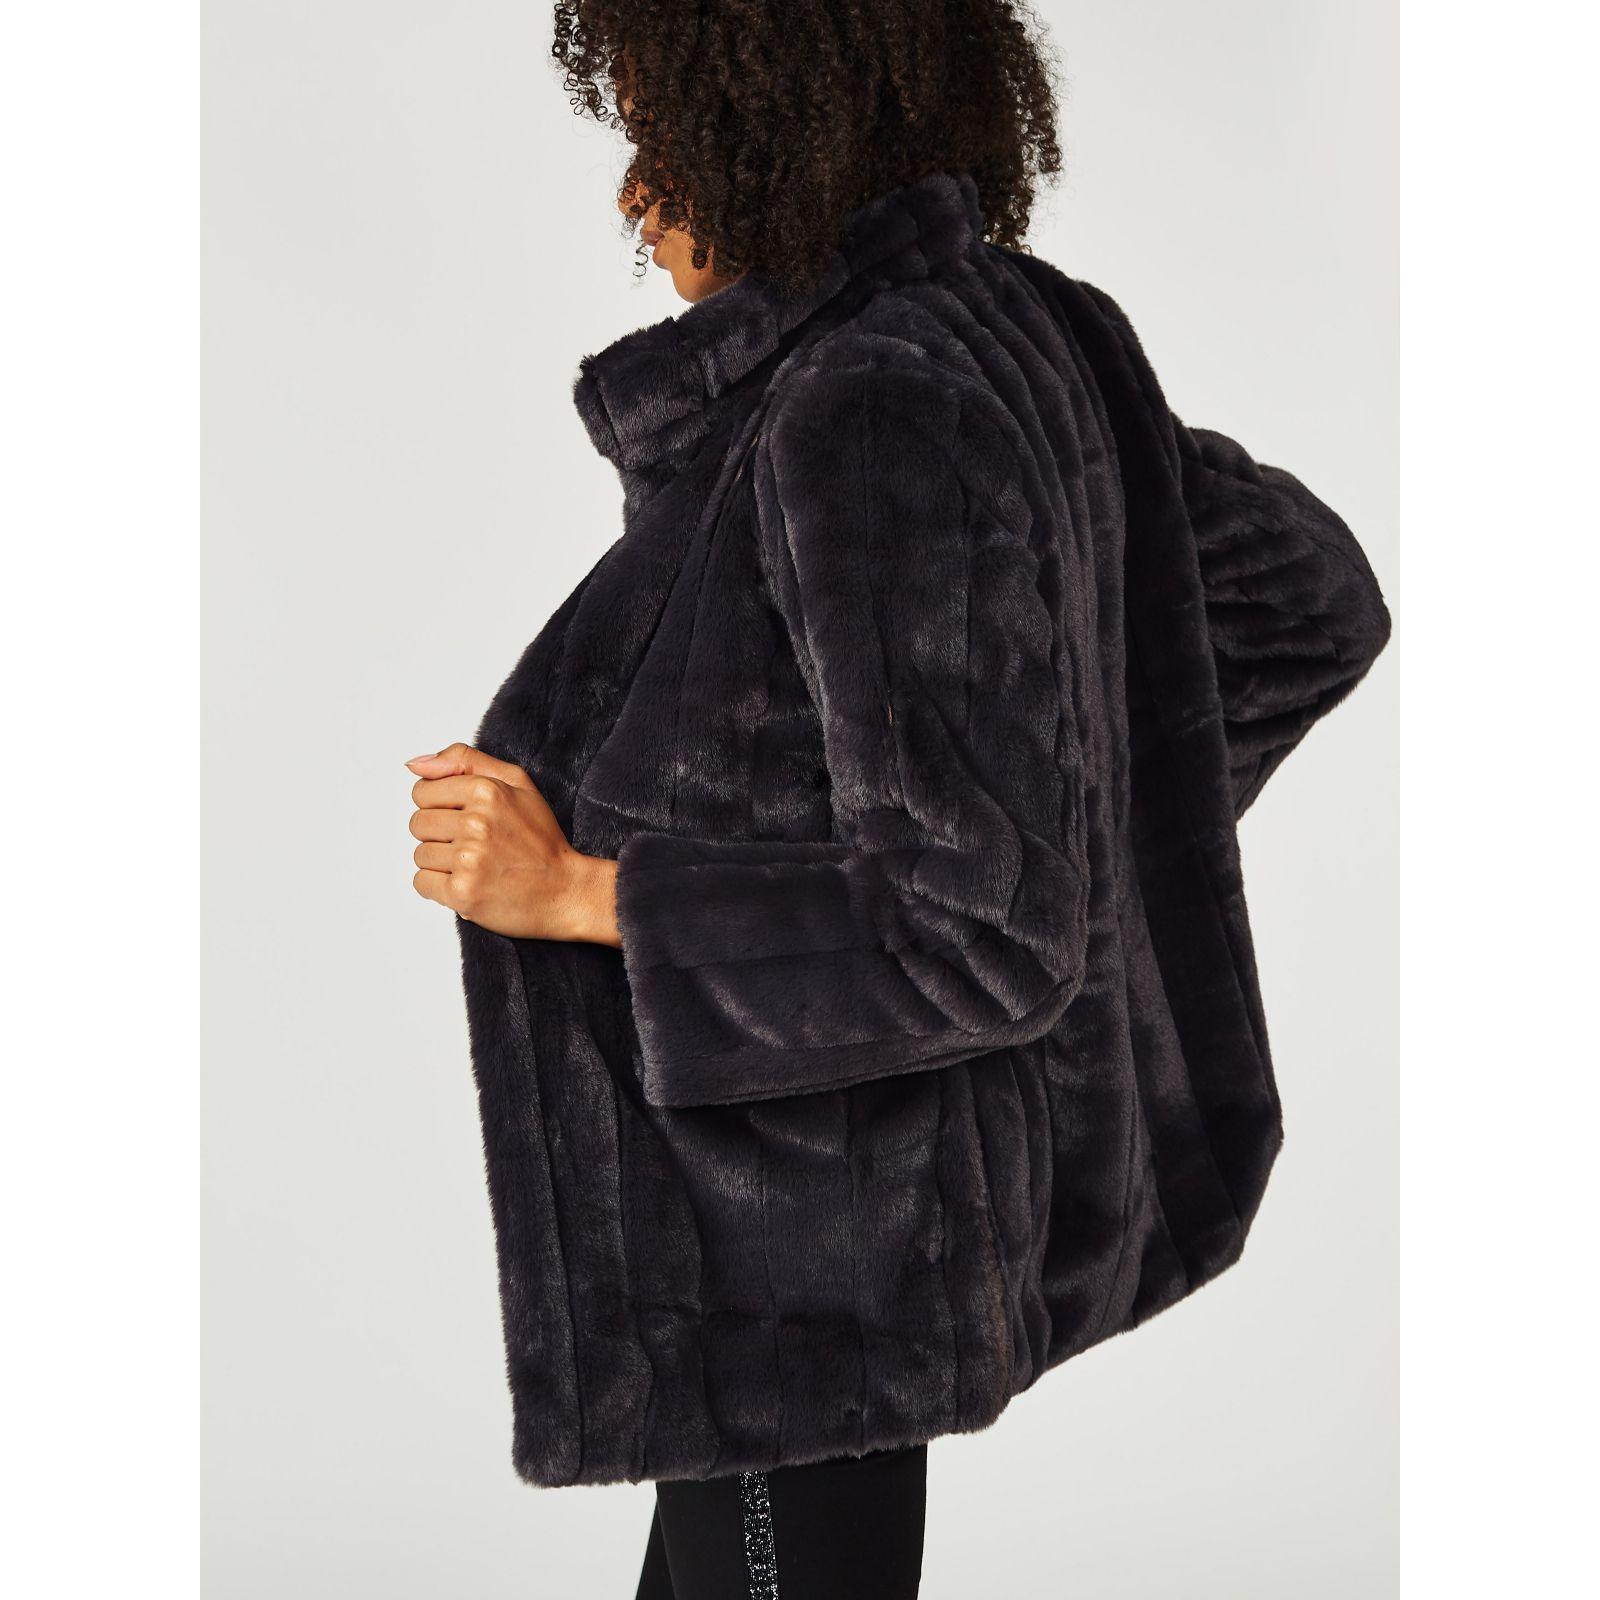 5e2b8c718c484 Centigrade Faux Fur Coat - QVC UK